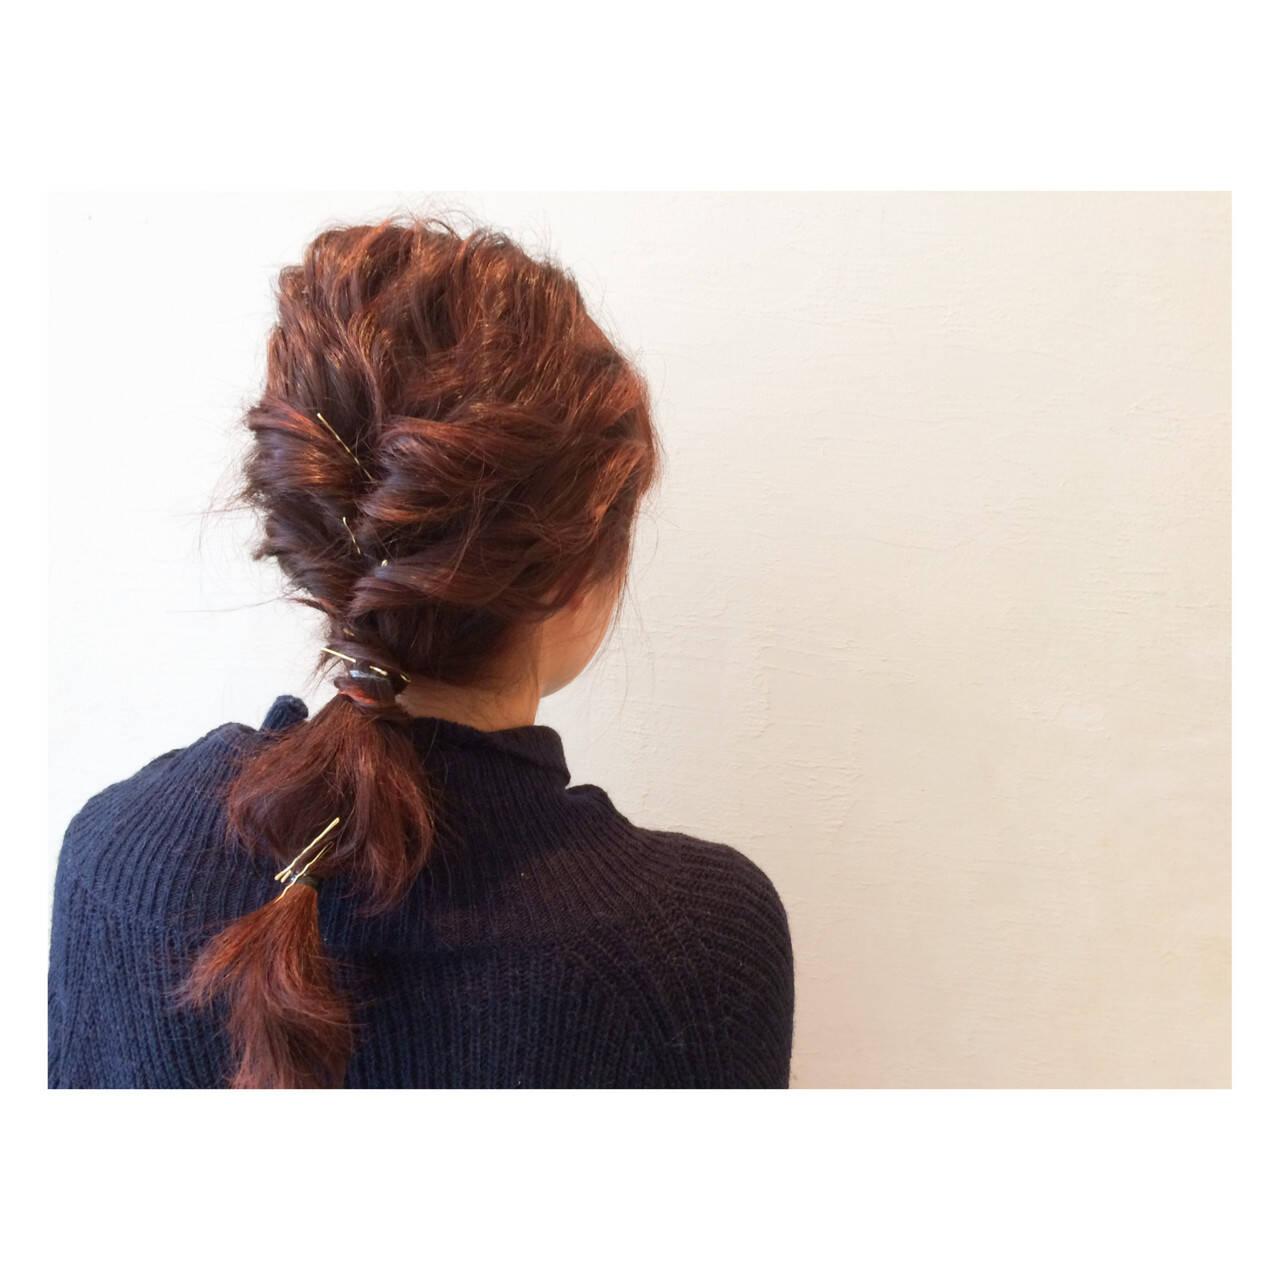 ヘアアレンジ 簡単ヘアアレンジ ショート グラデーションカラーヘアスタイルや髪型の写真・画像